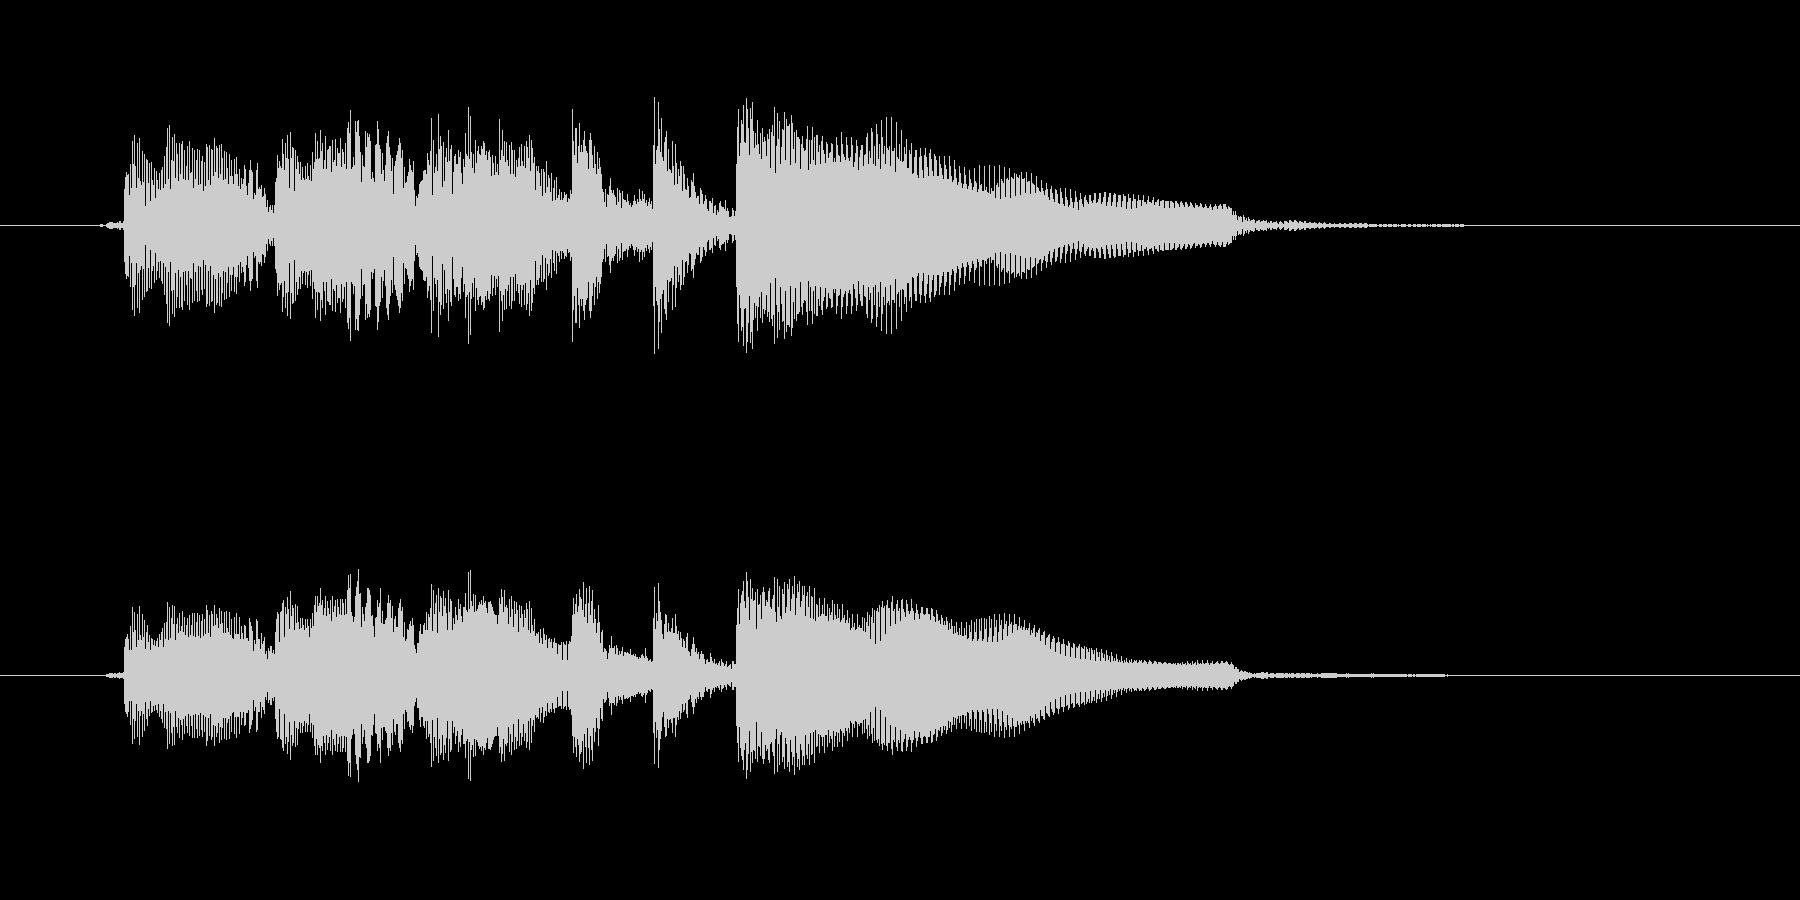 ギターのアルペジオによるシンプルで短い曲の未再生の波形